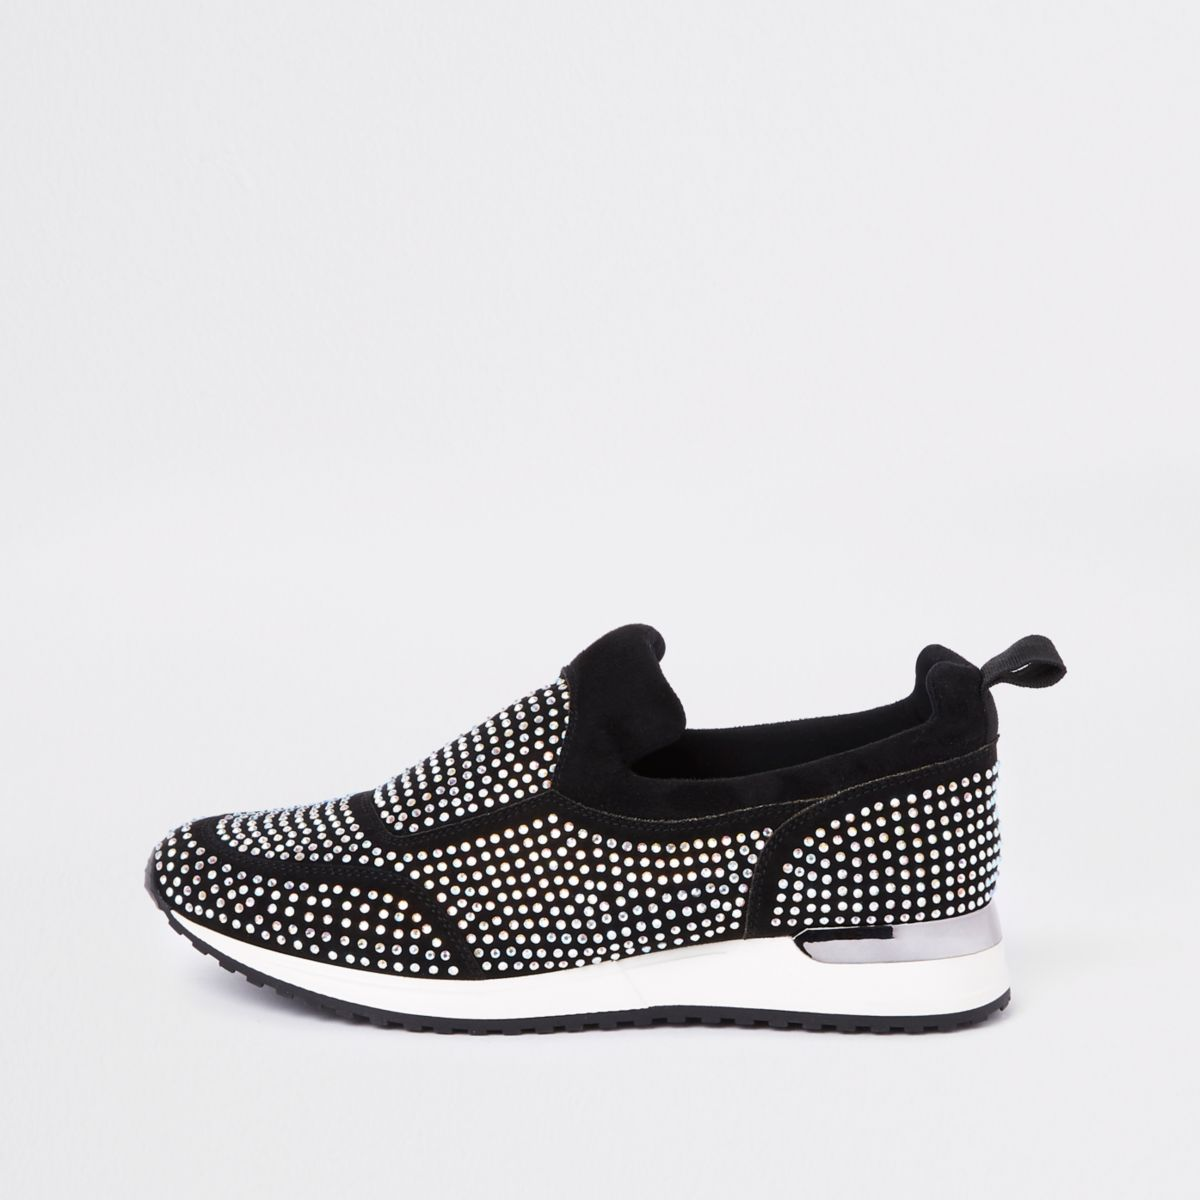 Schwarze, paillettenverzierte Sneakers